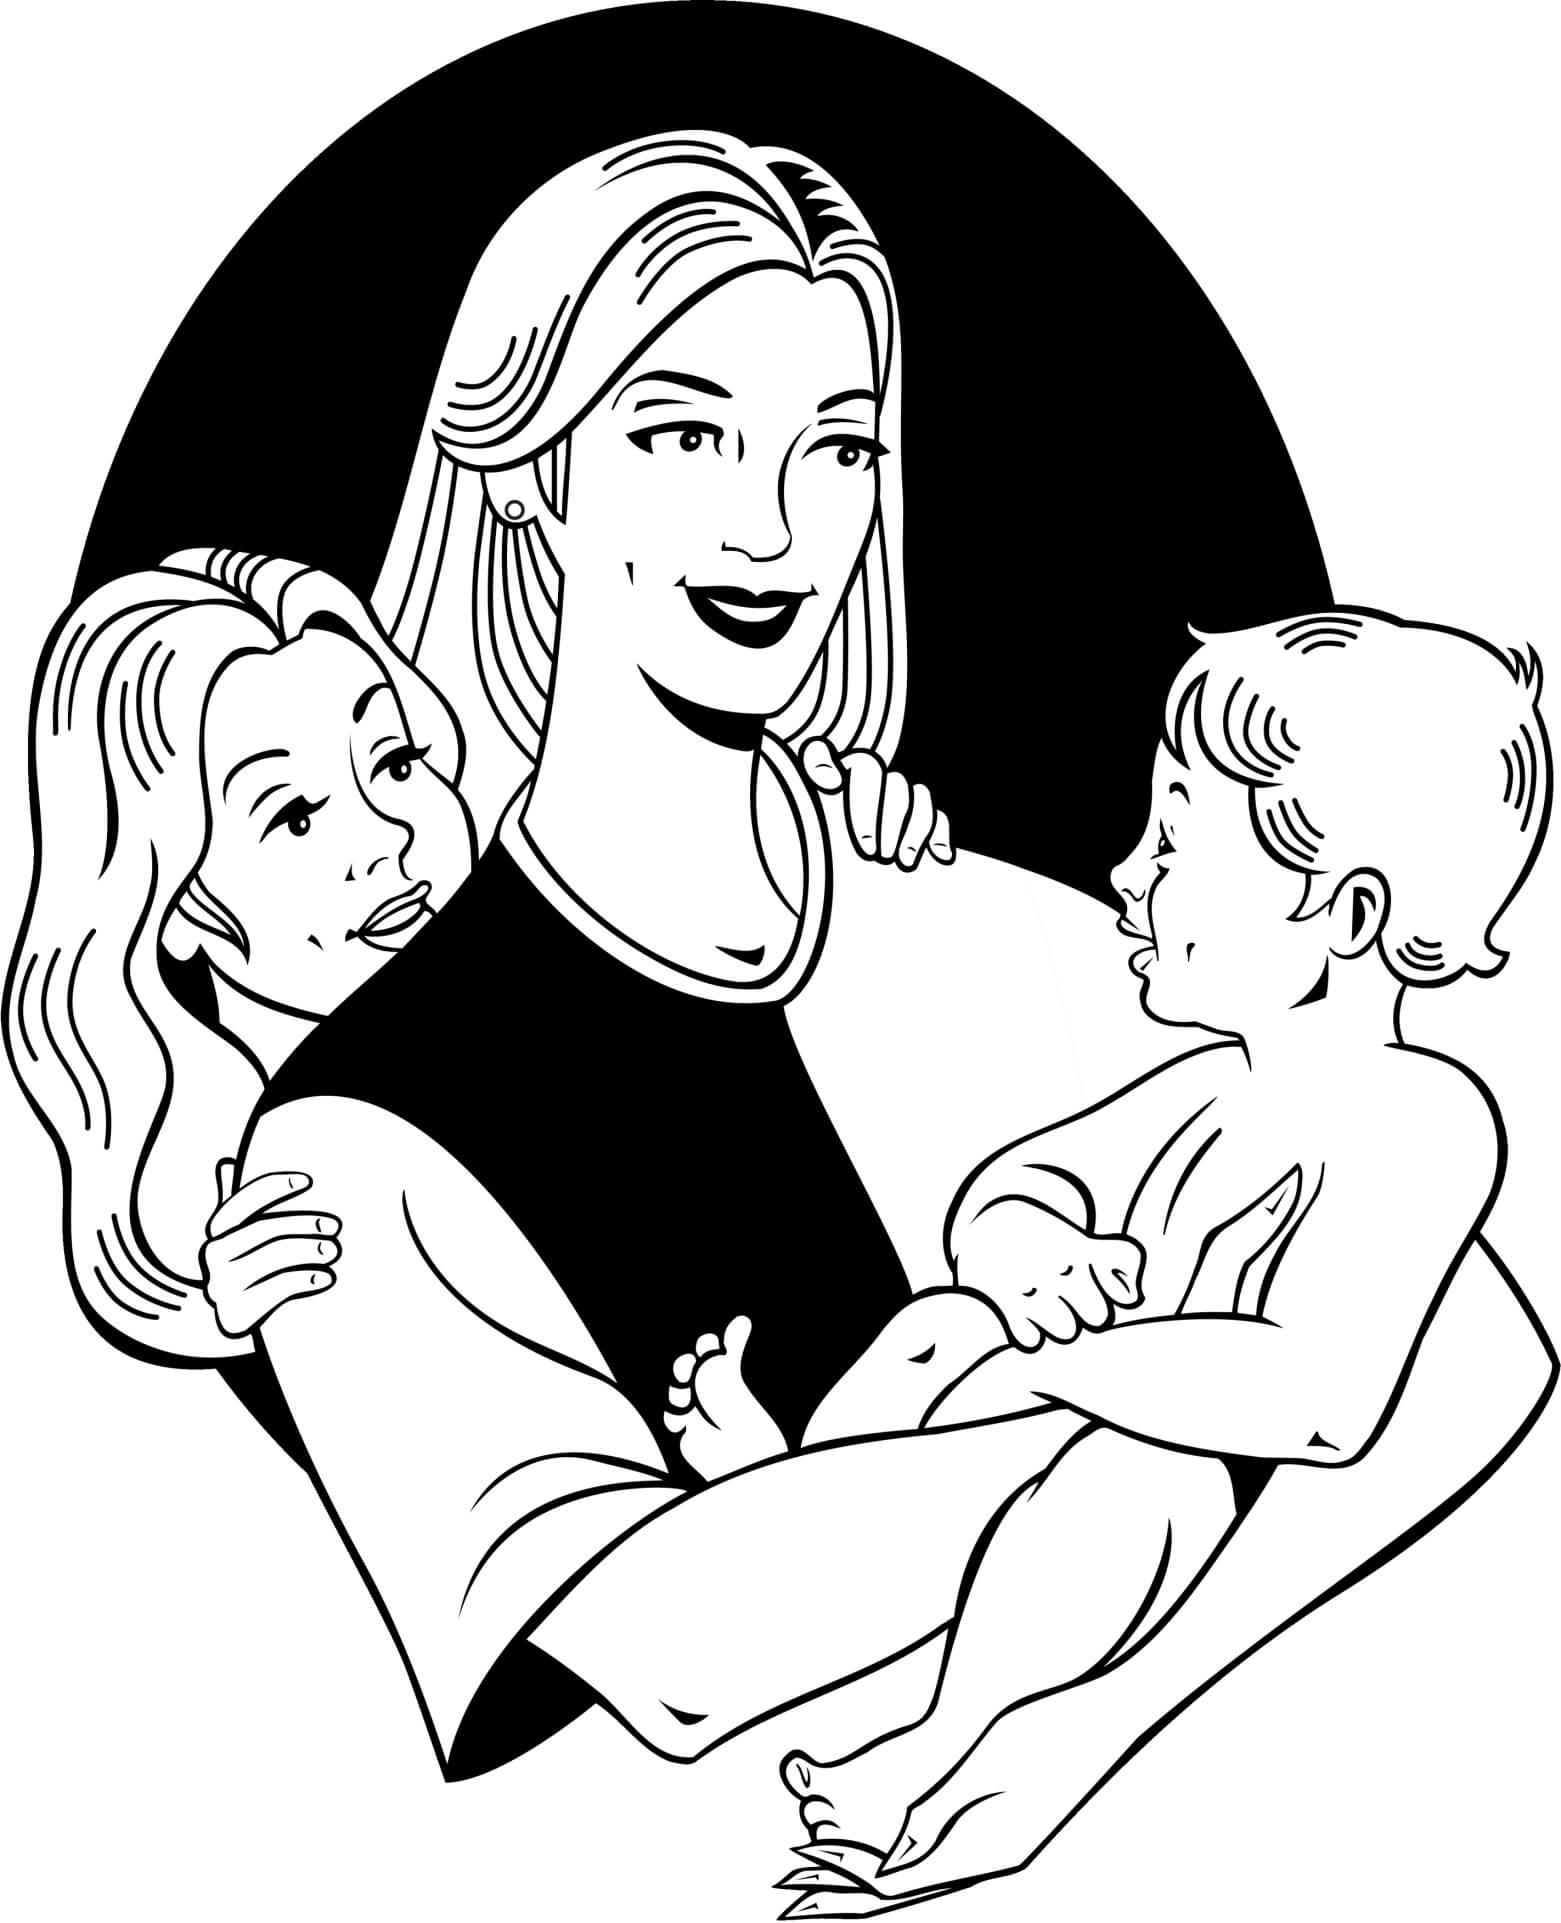 Imagenes del día de la Madre 2014